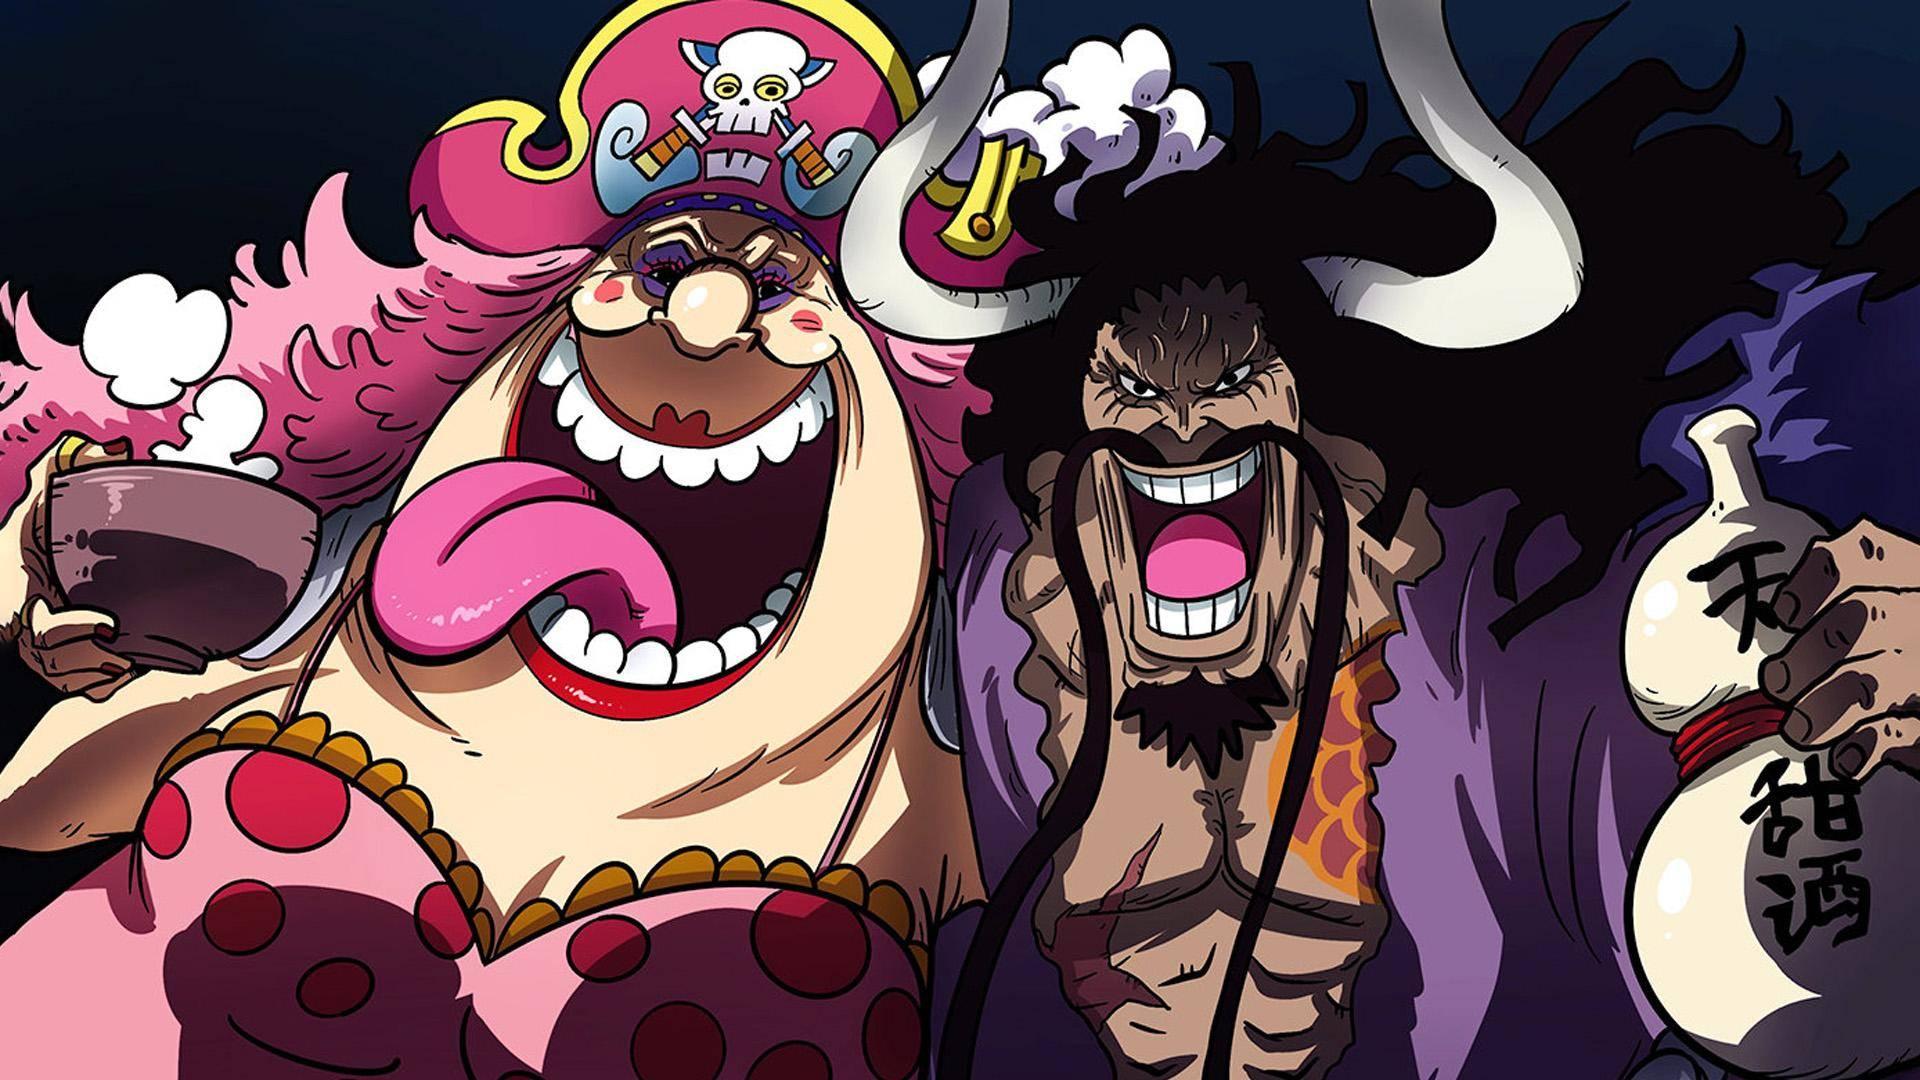 海贼王:作者尾田荣一郎真会玩,凯多的嫡系战力居然是扑克牌